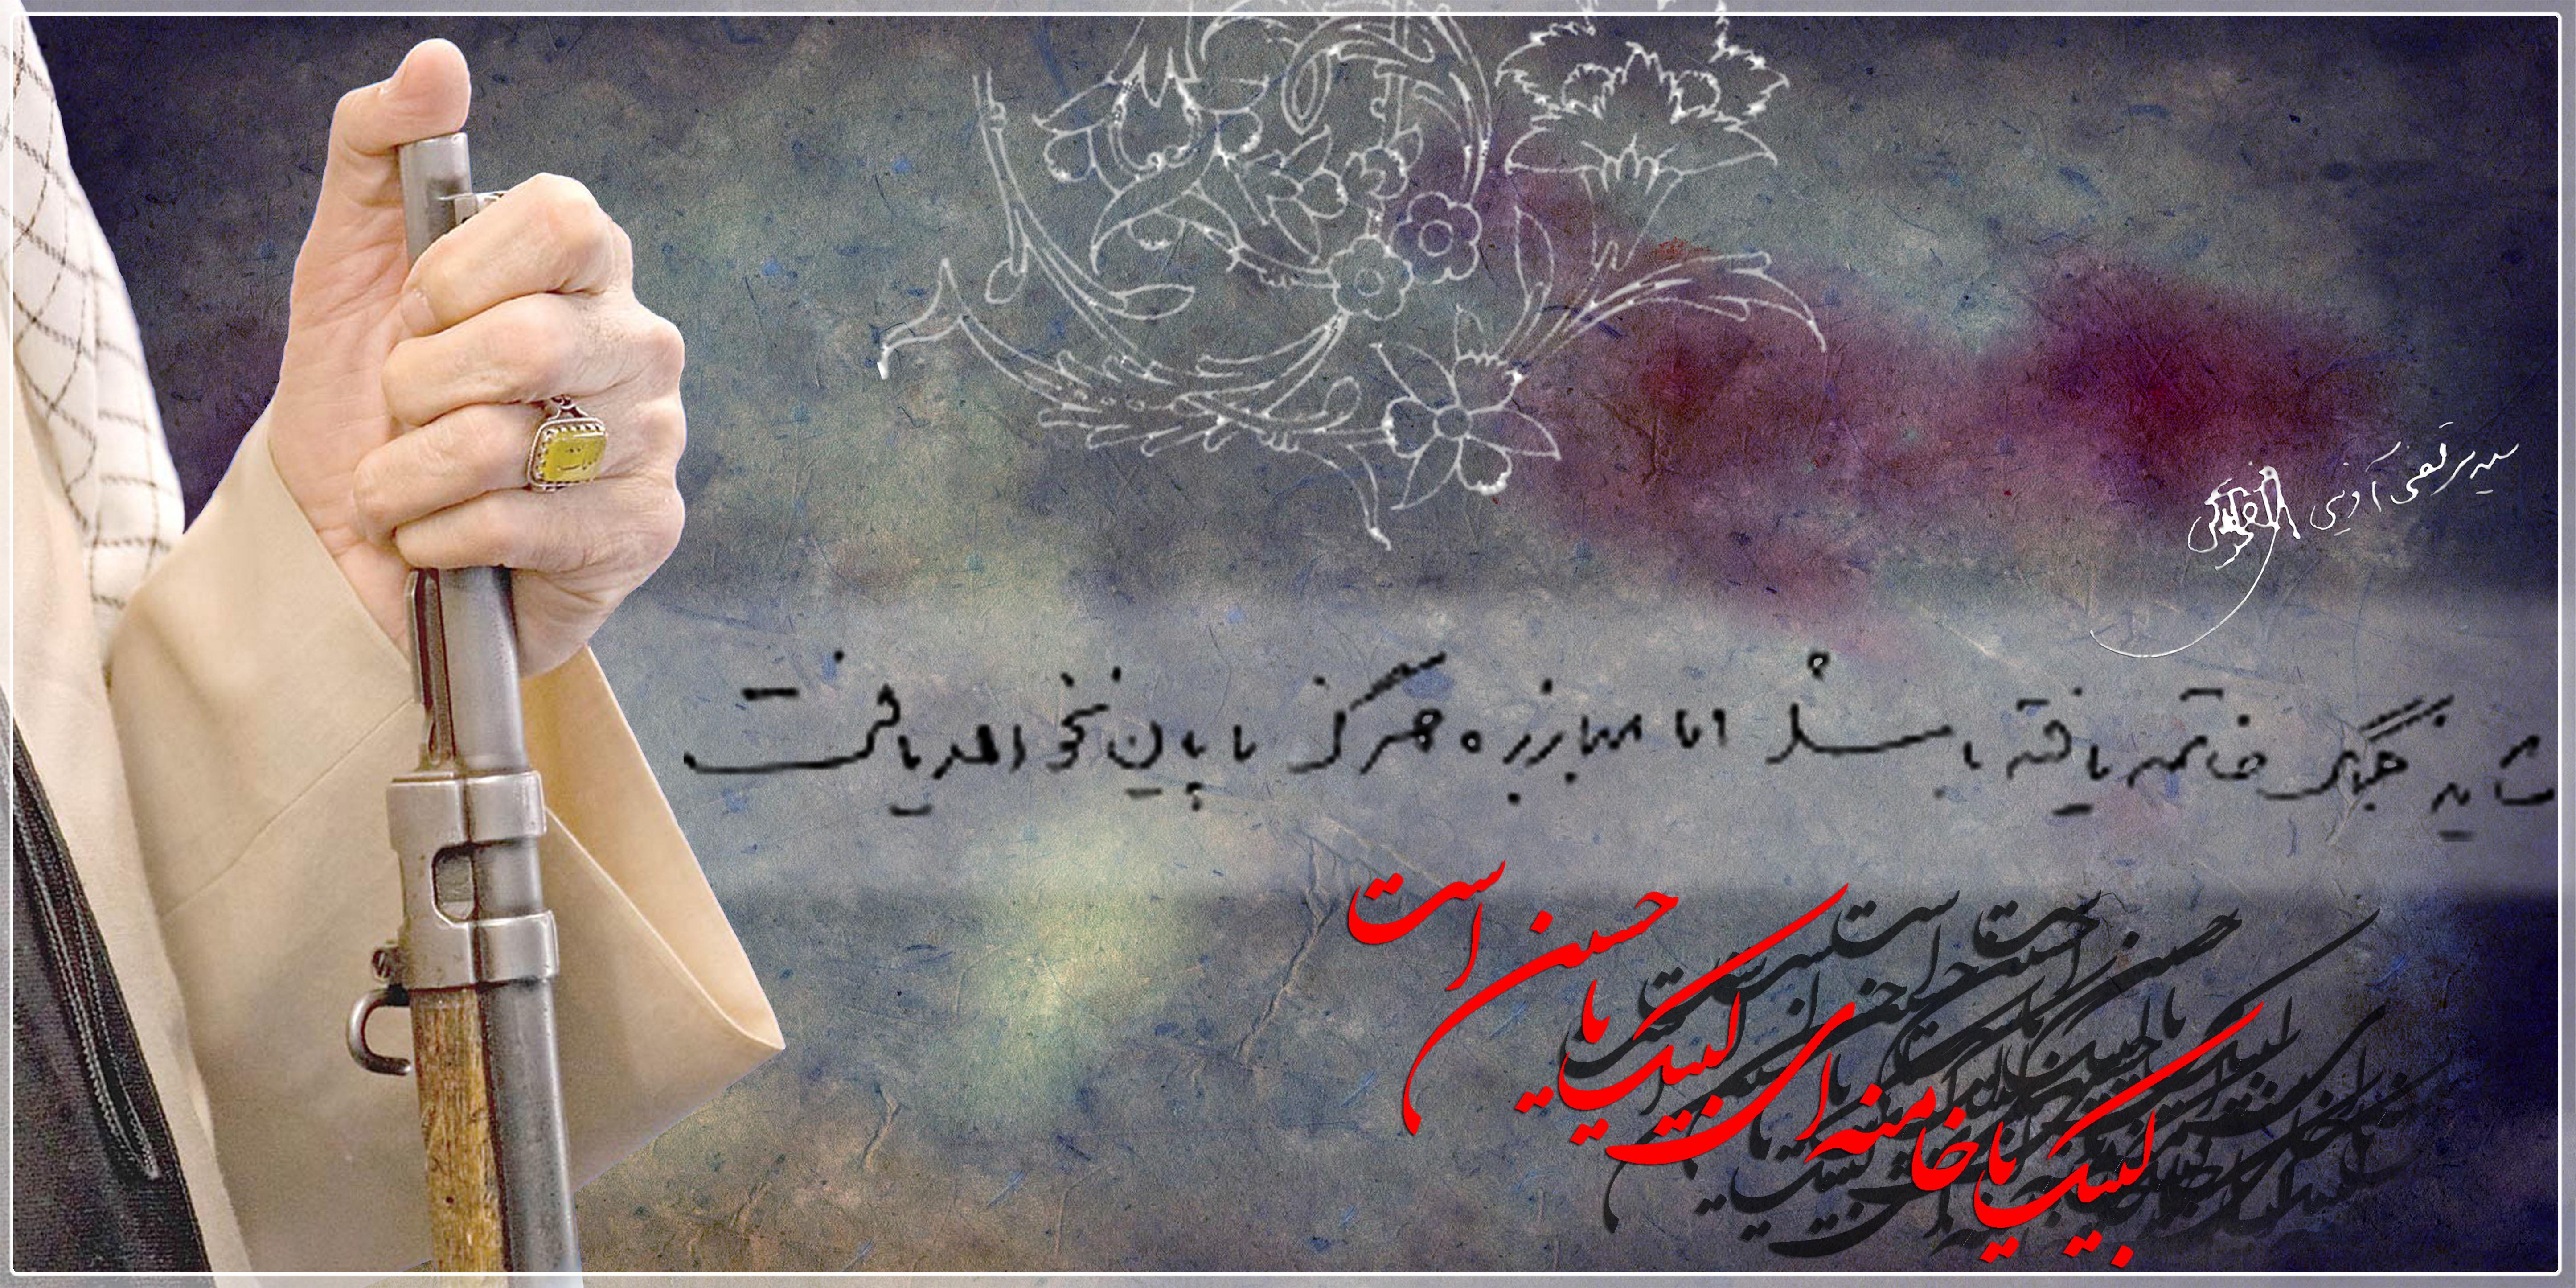 http://dl.aviny.com/Album/enqelabeslami/poster-agha/kamel/106.jpg